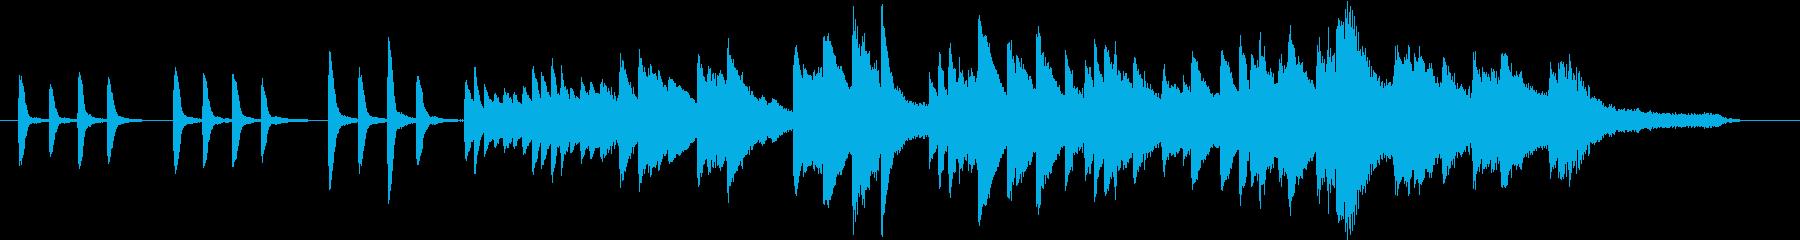 夏のイメージのピアノ01の再生済みの波形